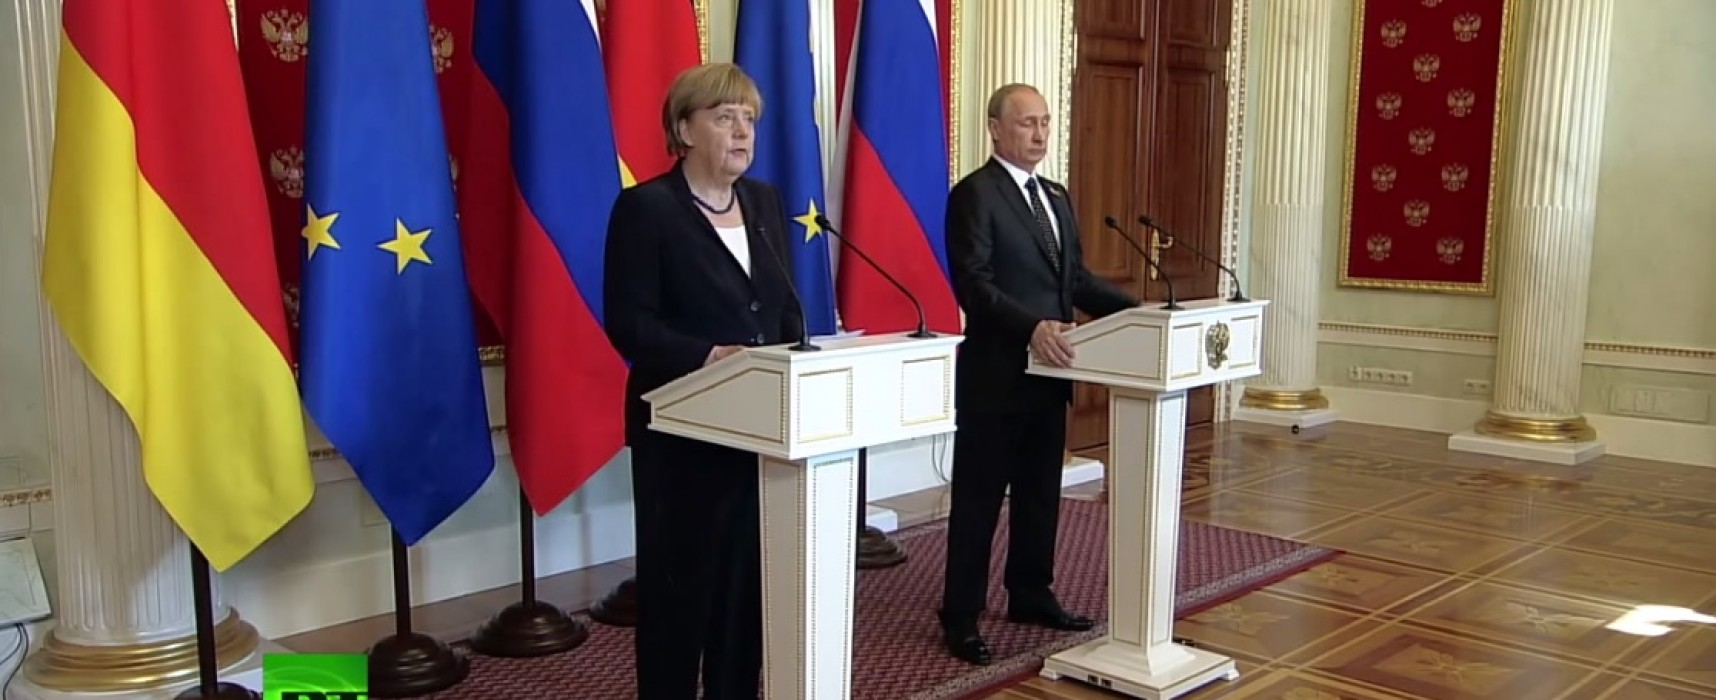 En Kremlin corregieron las palabras de Angela Merkel sobre la anexión de Crimea y la guerra en Donbas